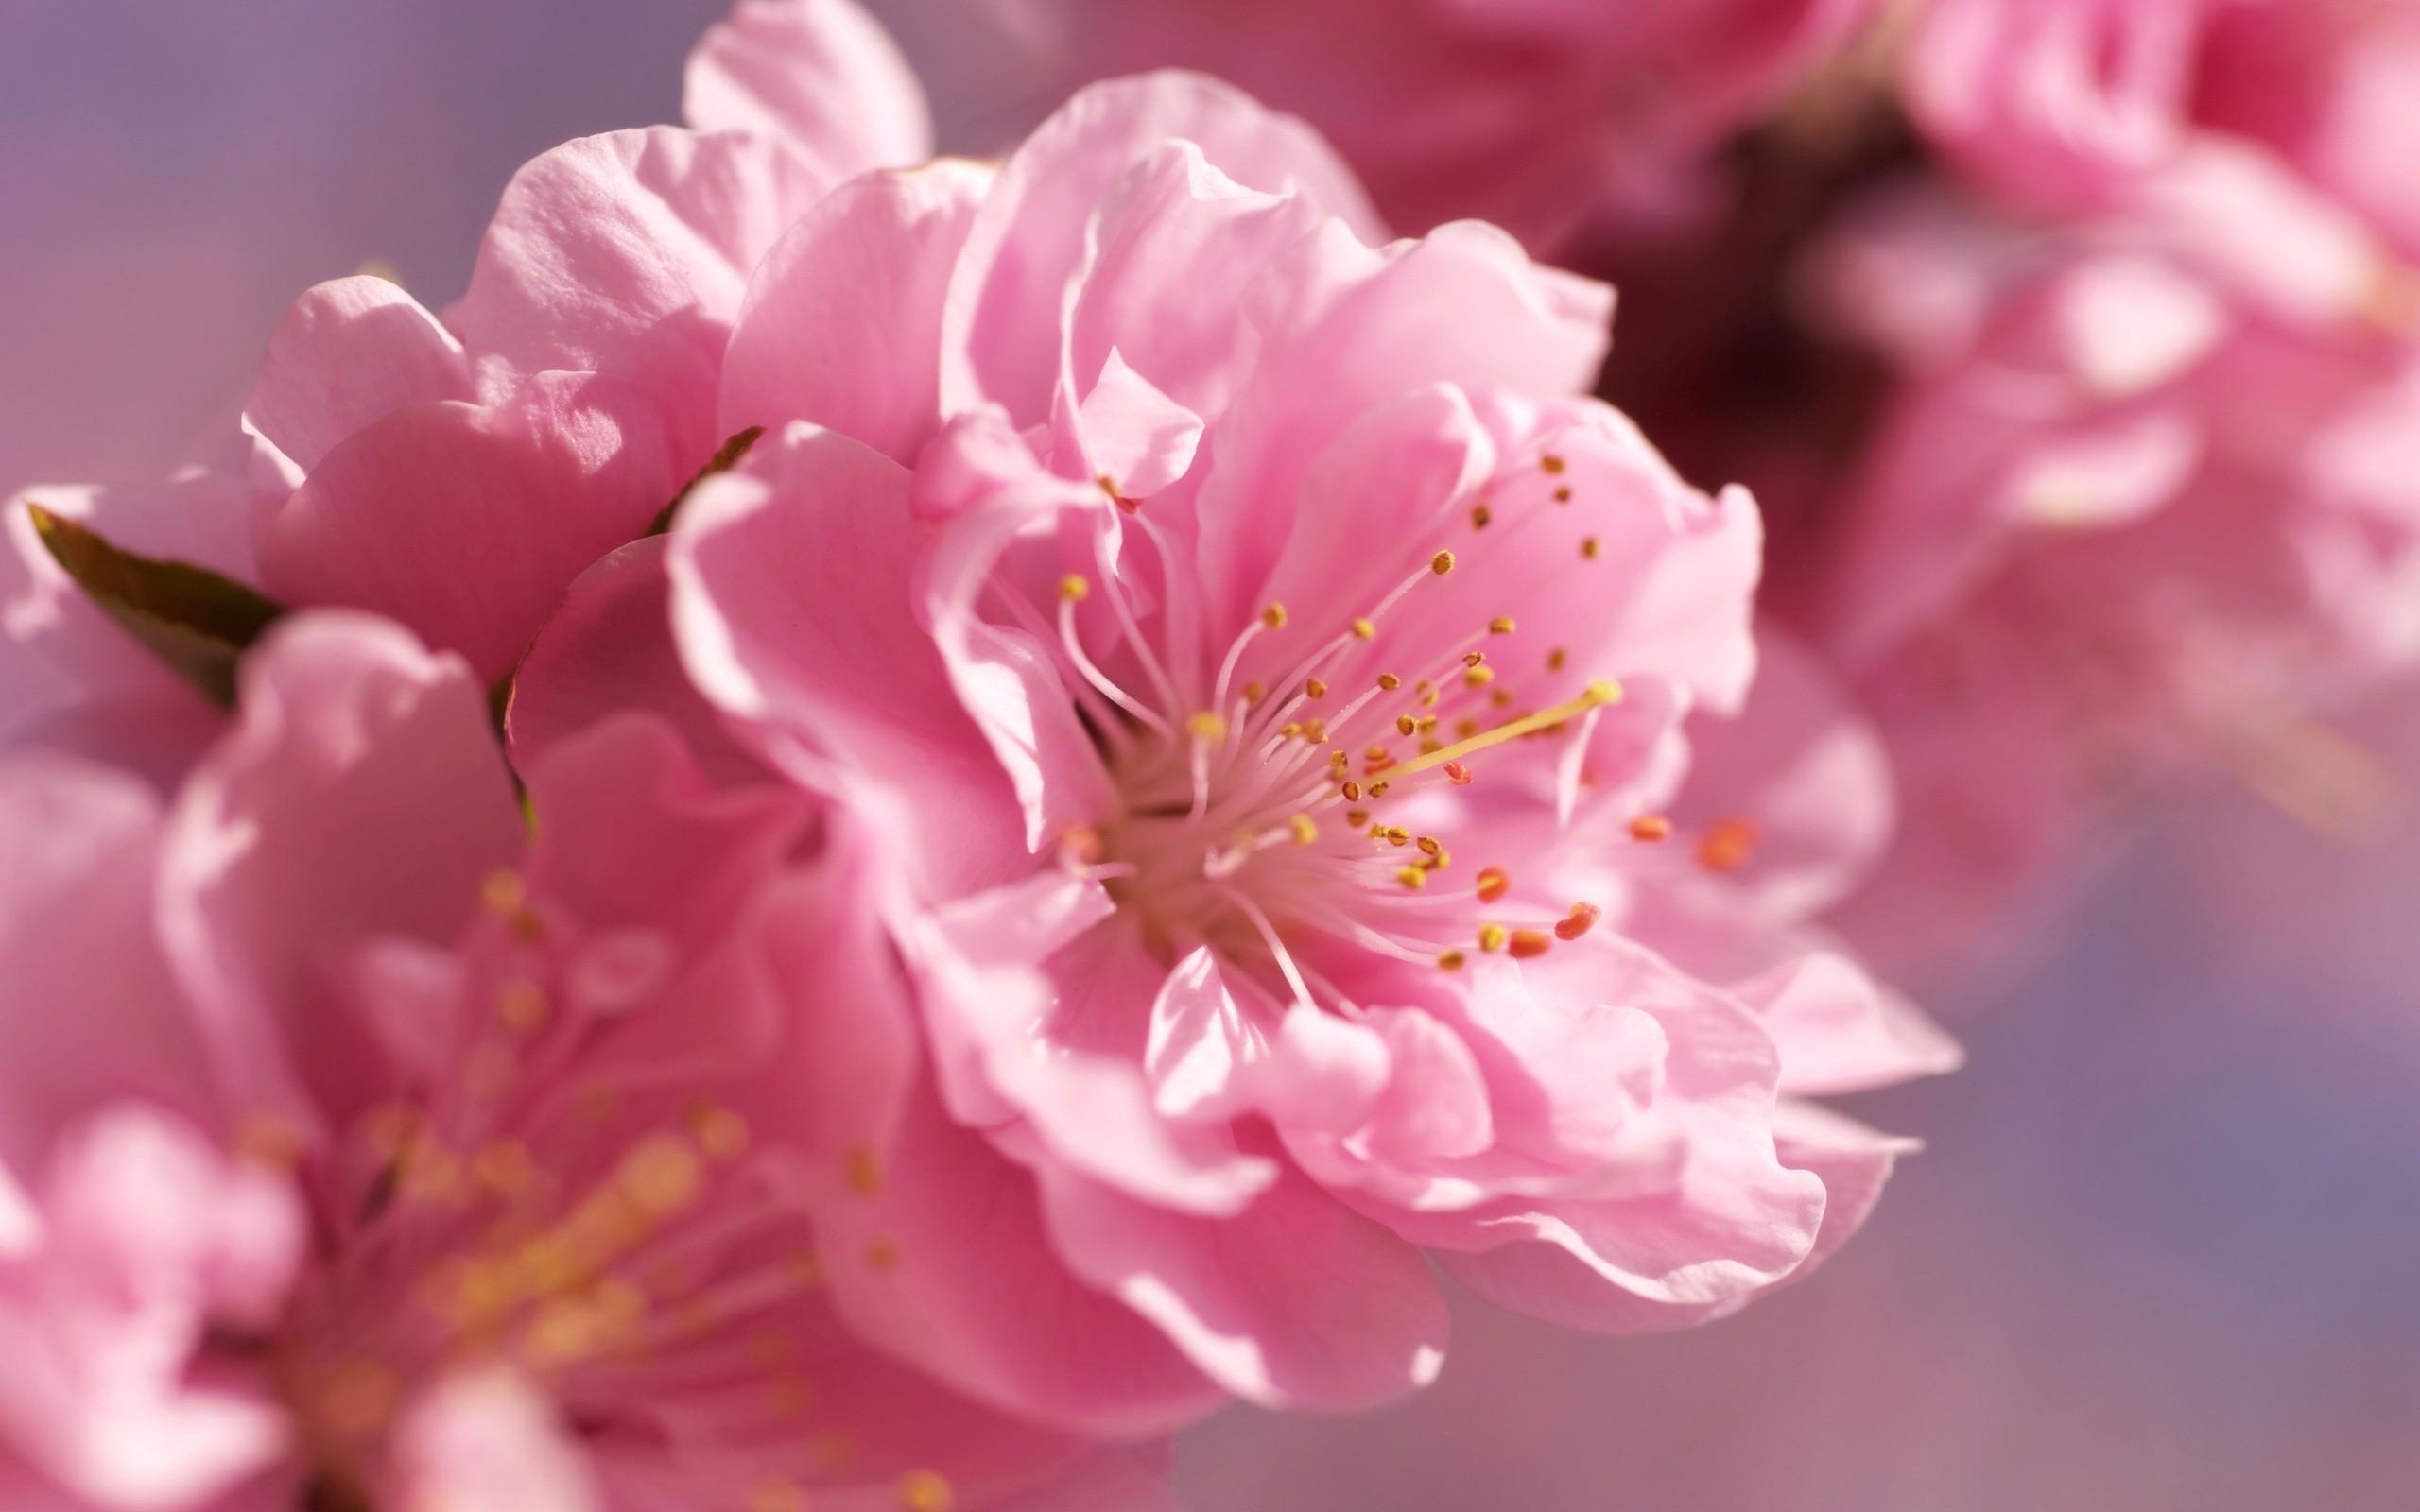 Ultra HD Apricot Blossom Buds 1920×1200   Ultra HD Flowers Wallpapers    Pinterest   Apricot blossom, Wallpaper and Hd desktop